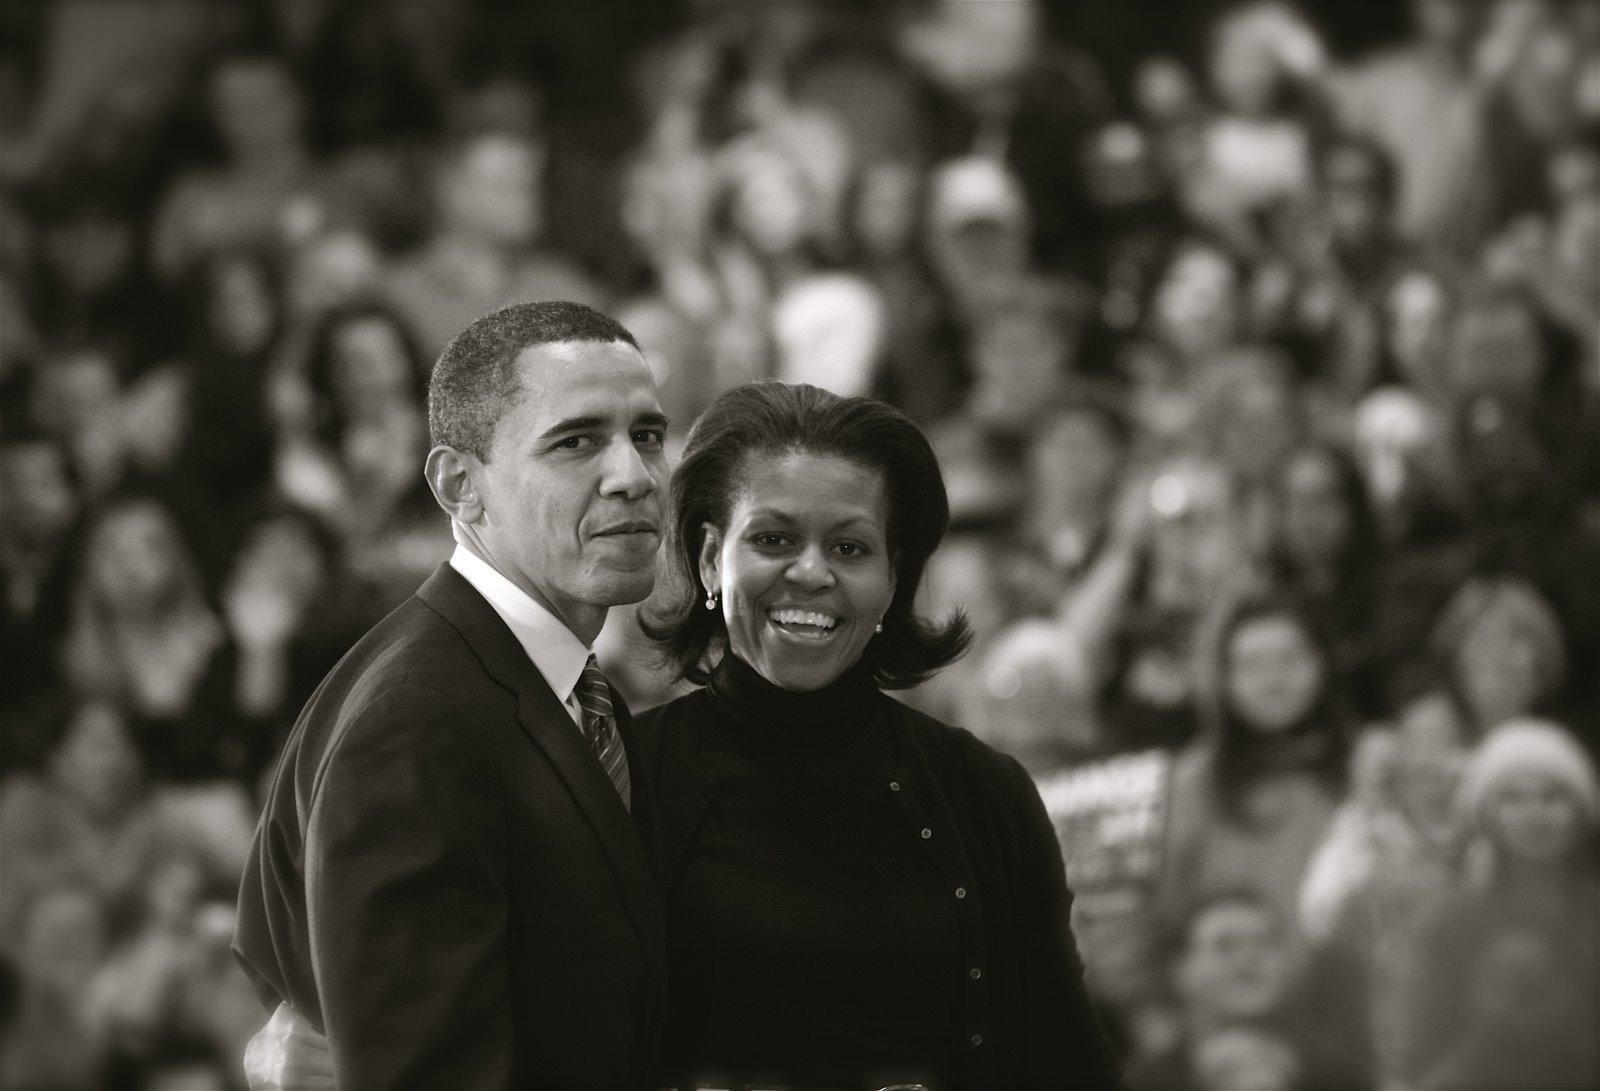 Produtora de Barack Obama e Michelle Obama anuncia novos filmes e séries para a Netflix